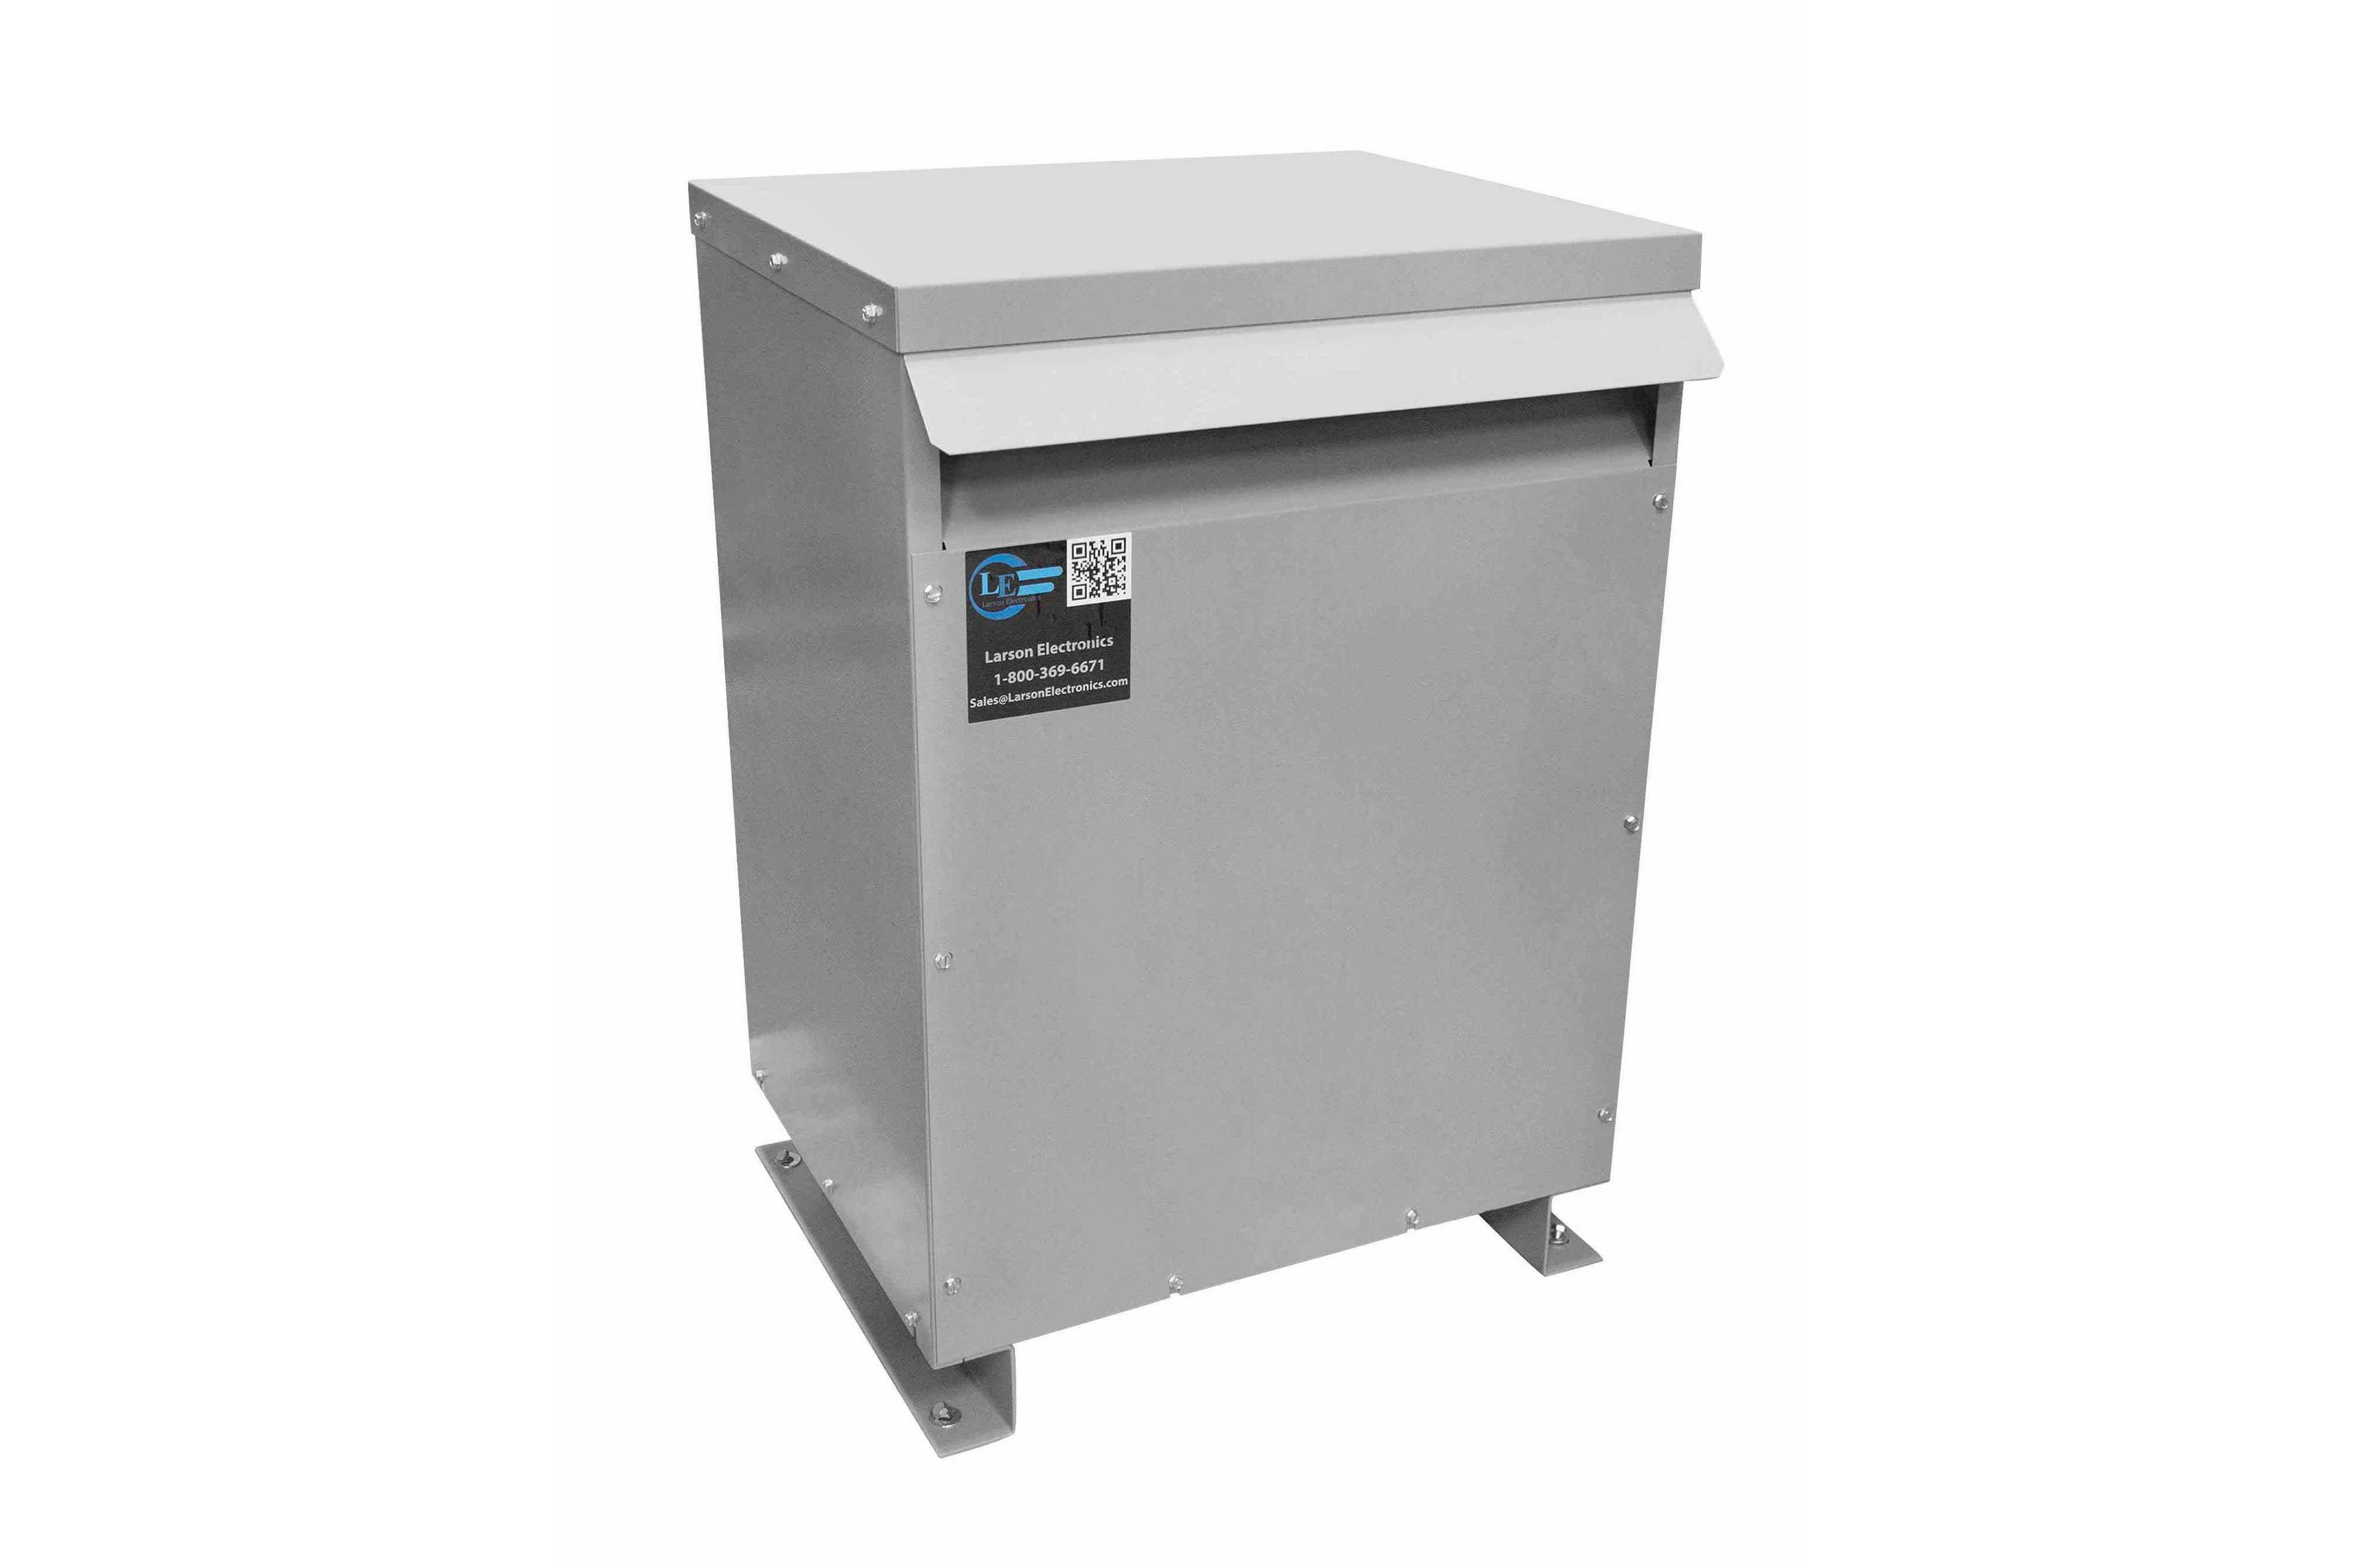 60 kVA 3PH Isolation Transformer, 600V Delta Primary, 400V Delta Secondary, N3R, Ventilated, 60 Hz